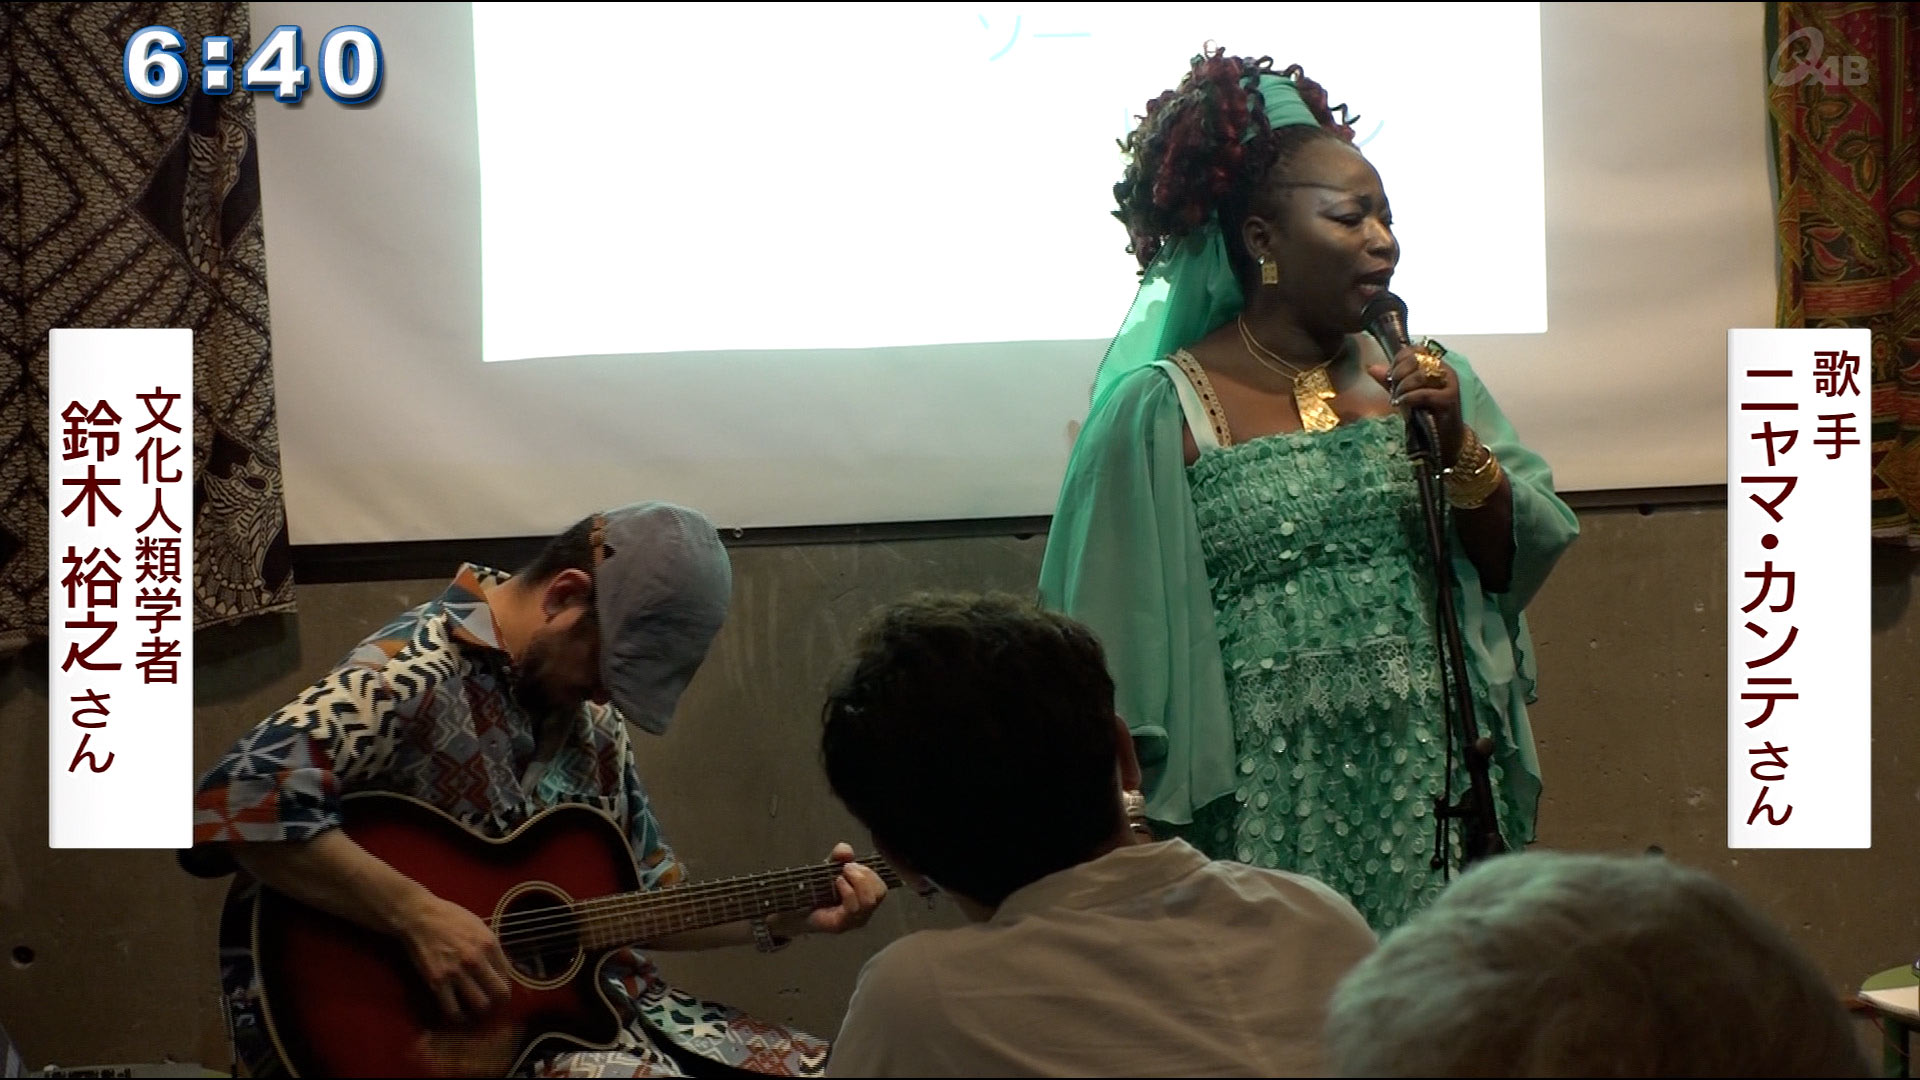 歌が人々を元気に!魅惑のアフリカ音楽